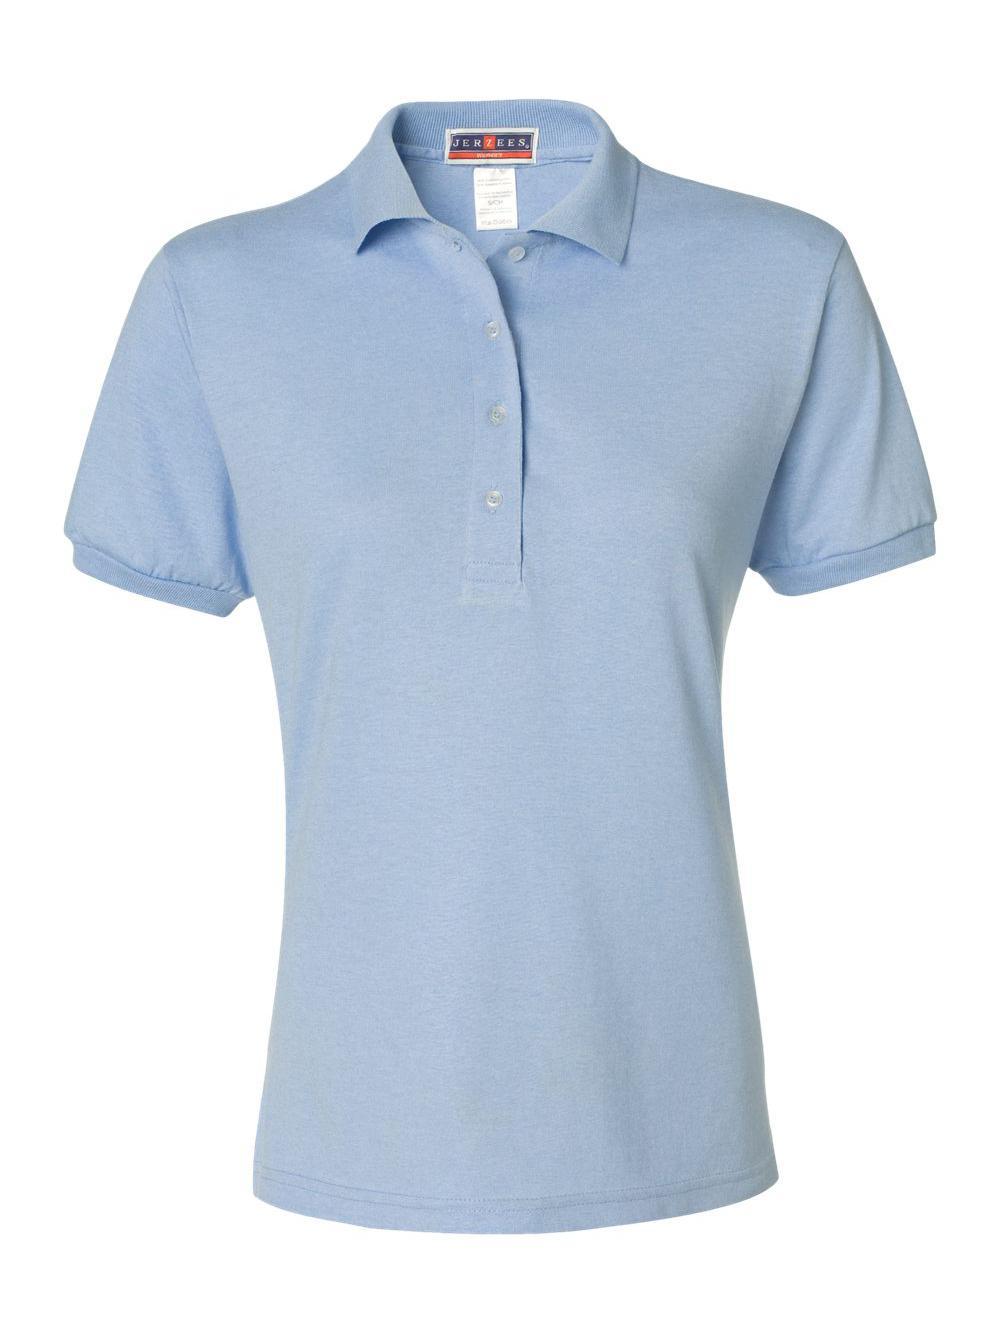 Jerzees-Women-039-s-Spotshield-50-50-Sport-Shirt-437WR thumbnail 21